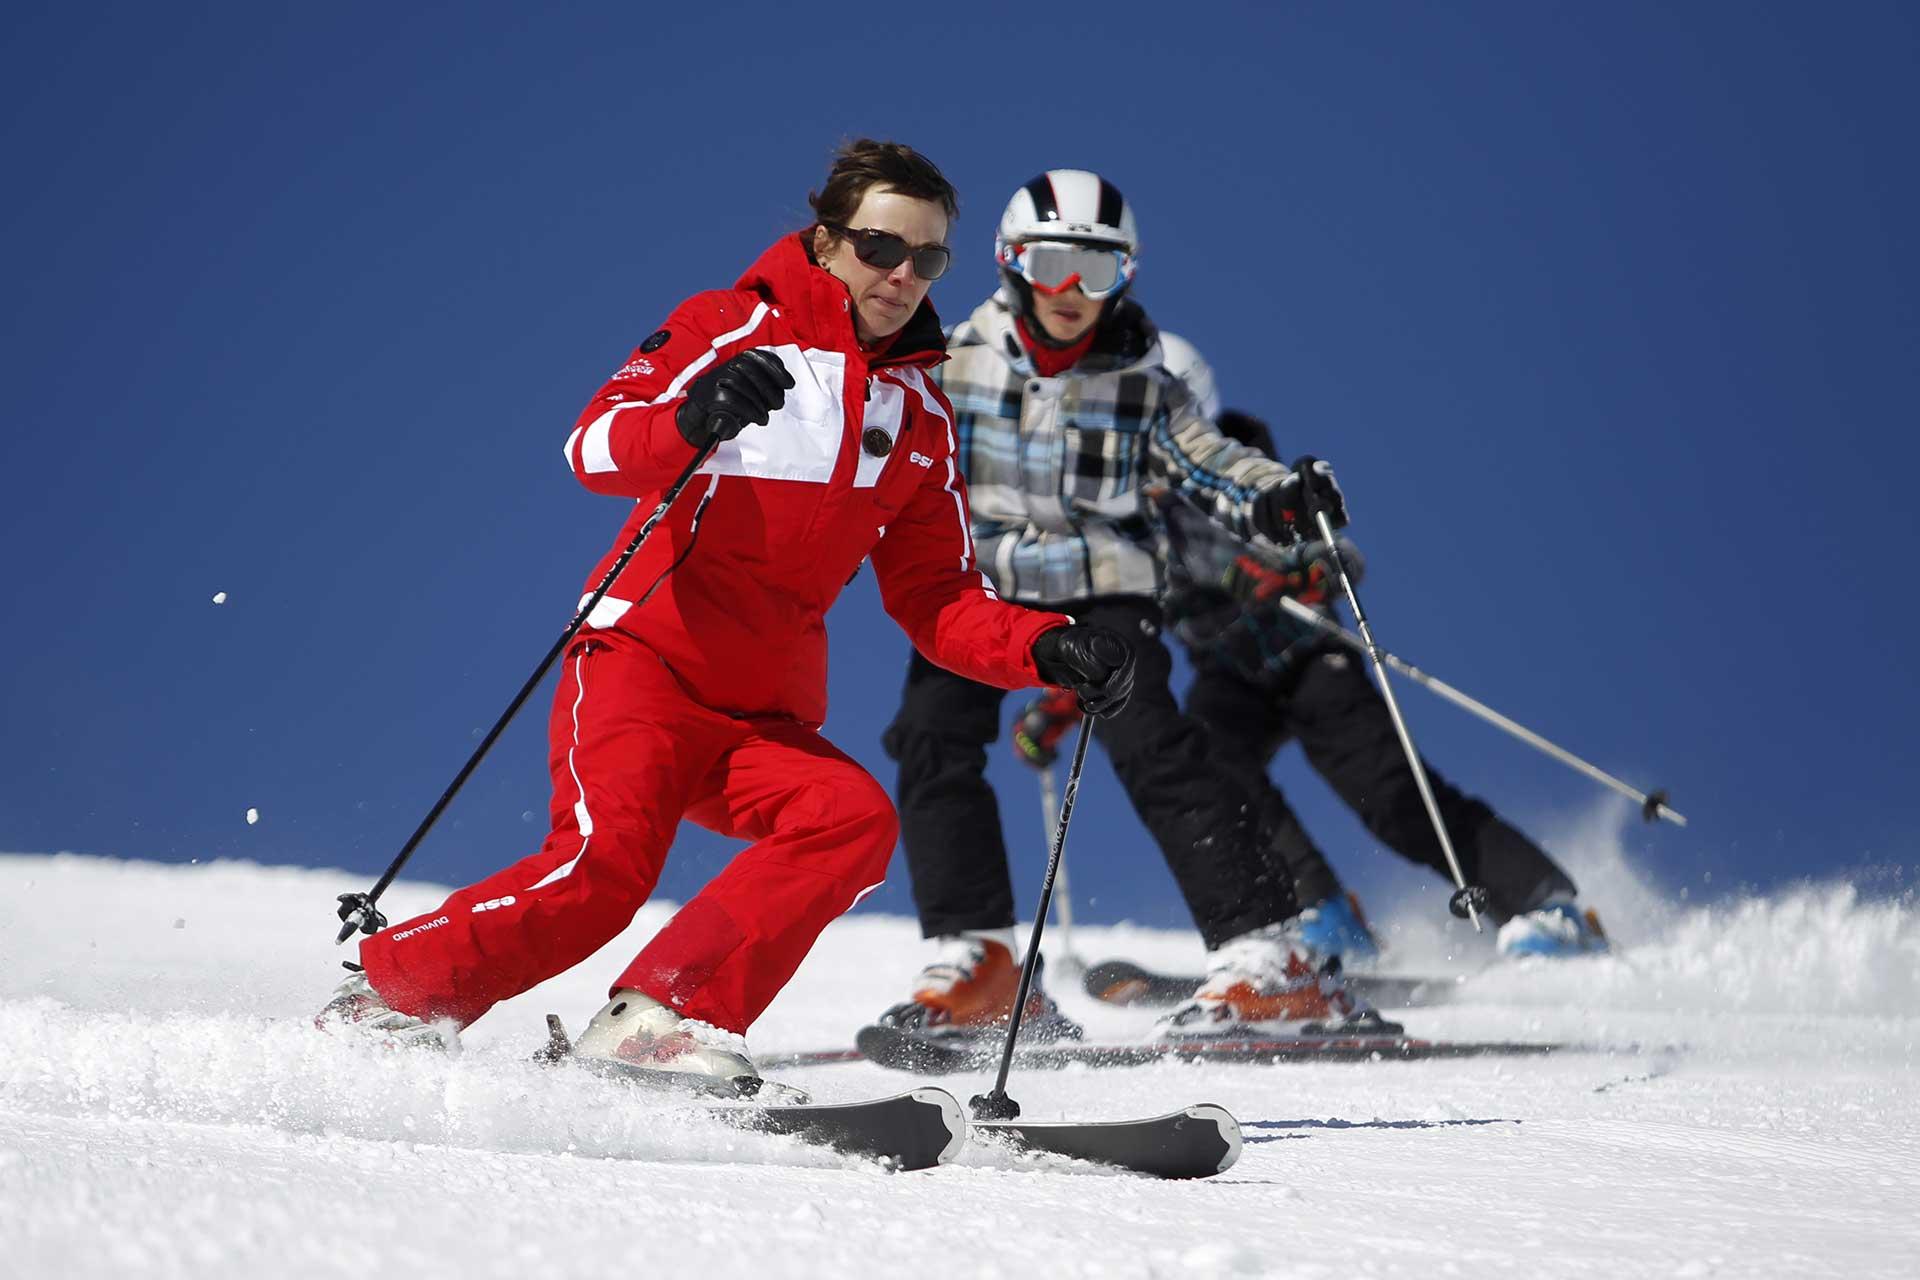 cours de ski privés avec l'esf de la vallée de munster